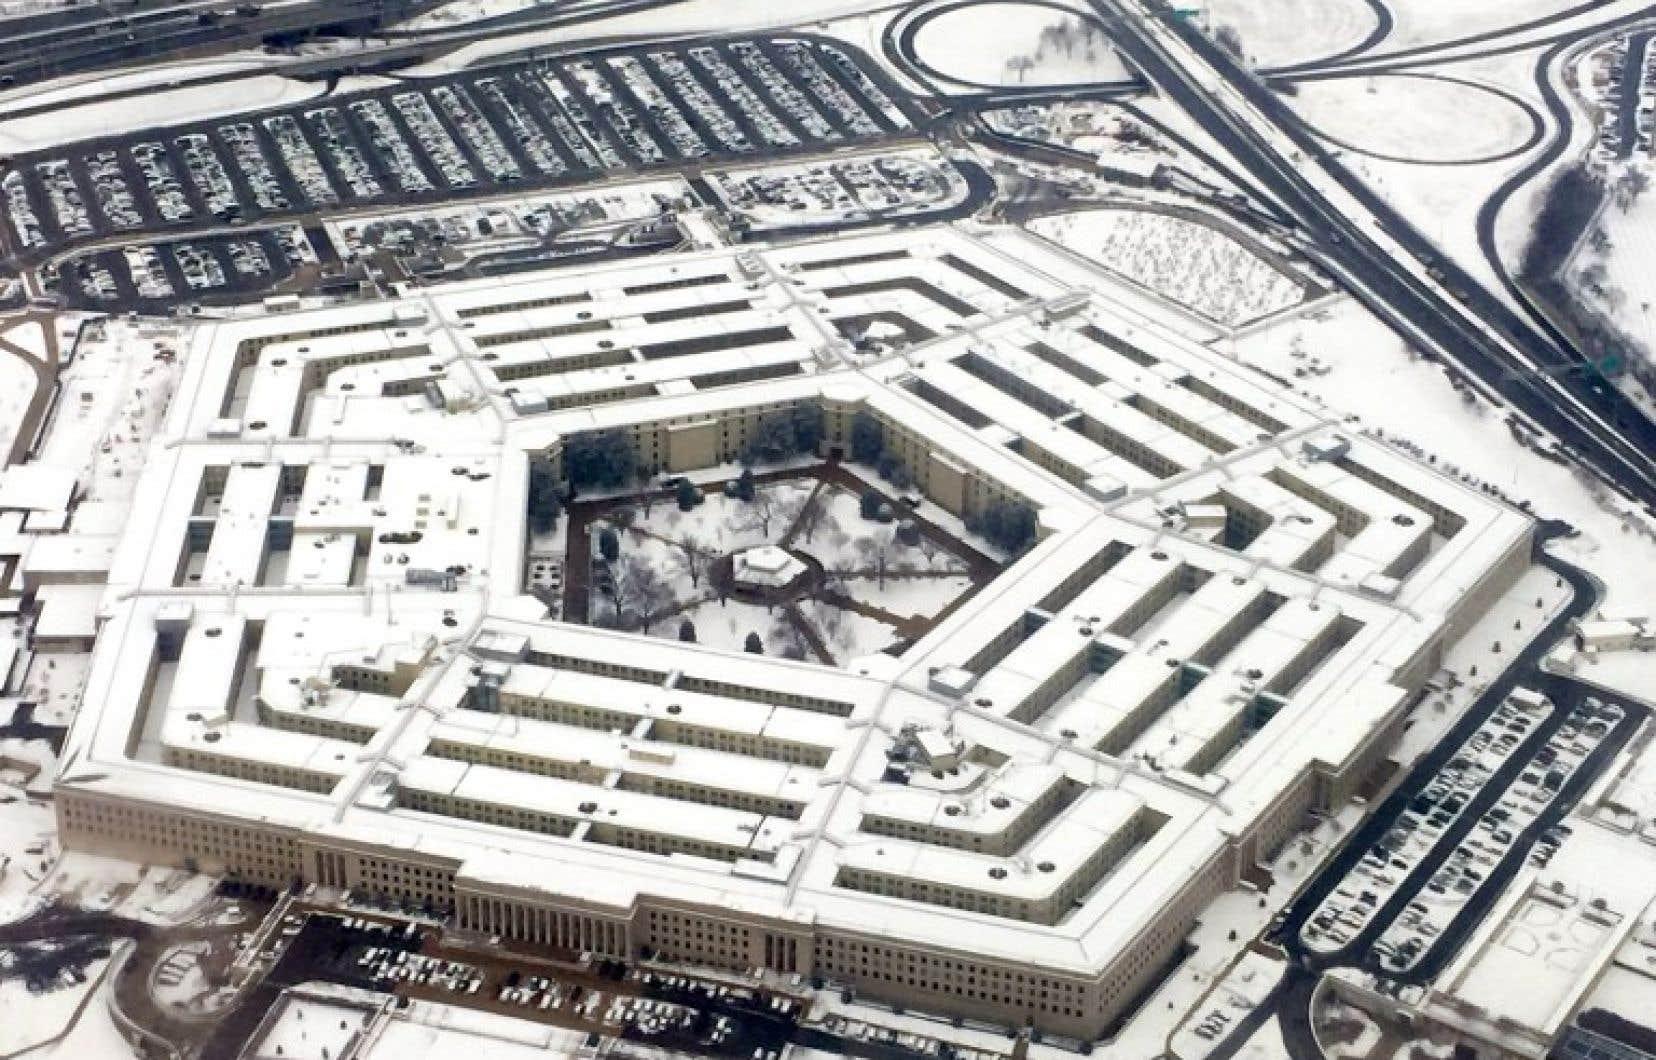 Le Pentagone a déclaré dans un communiqué que le programme s'est terminé en 2012.